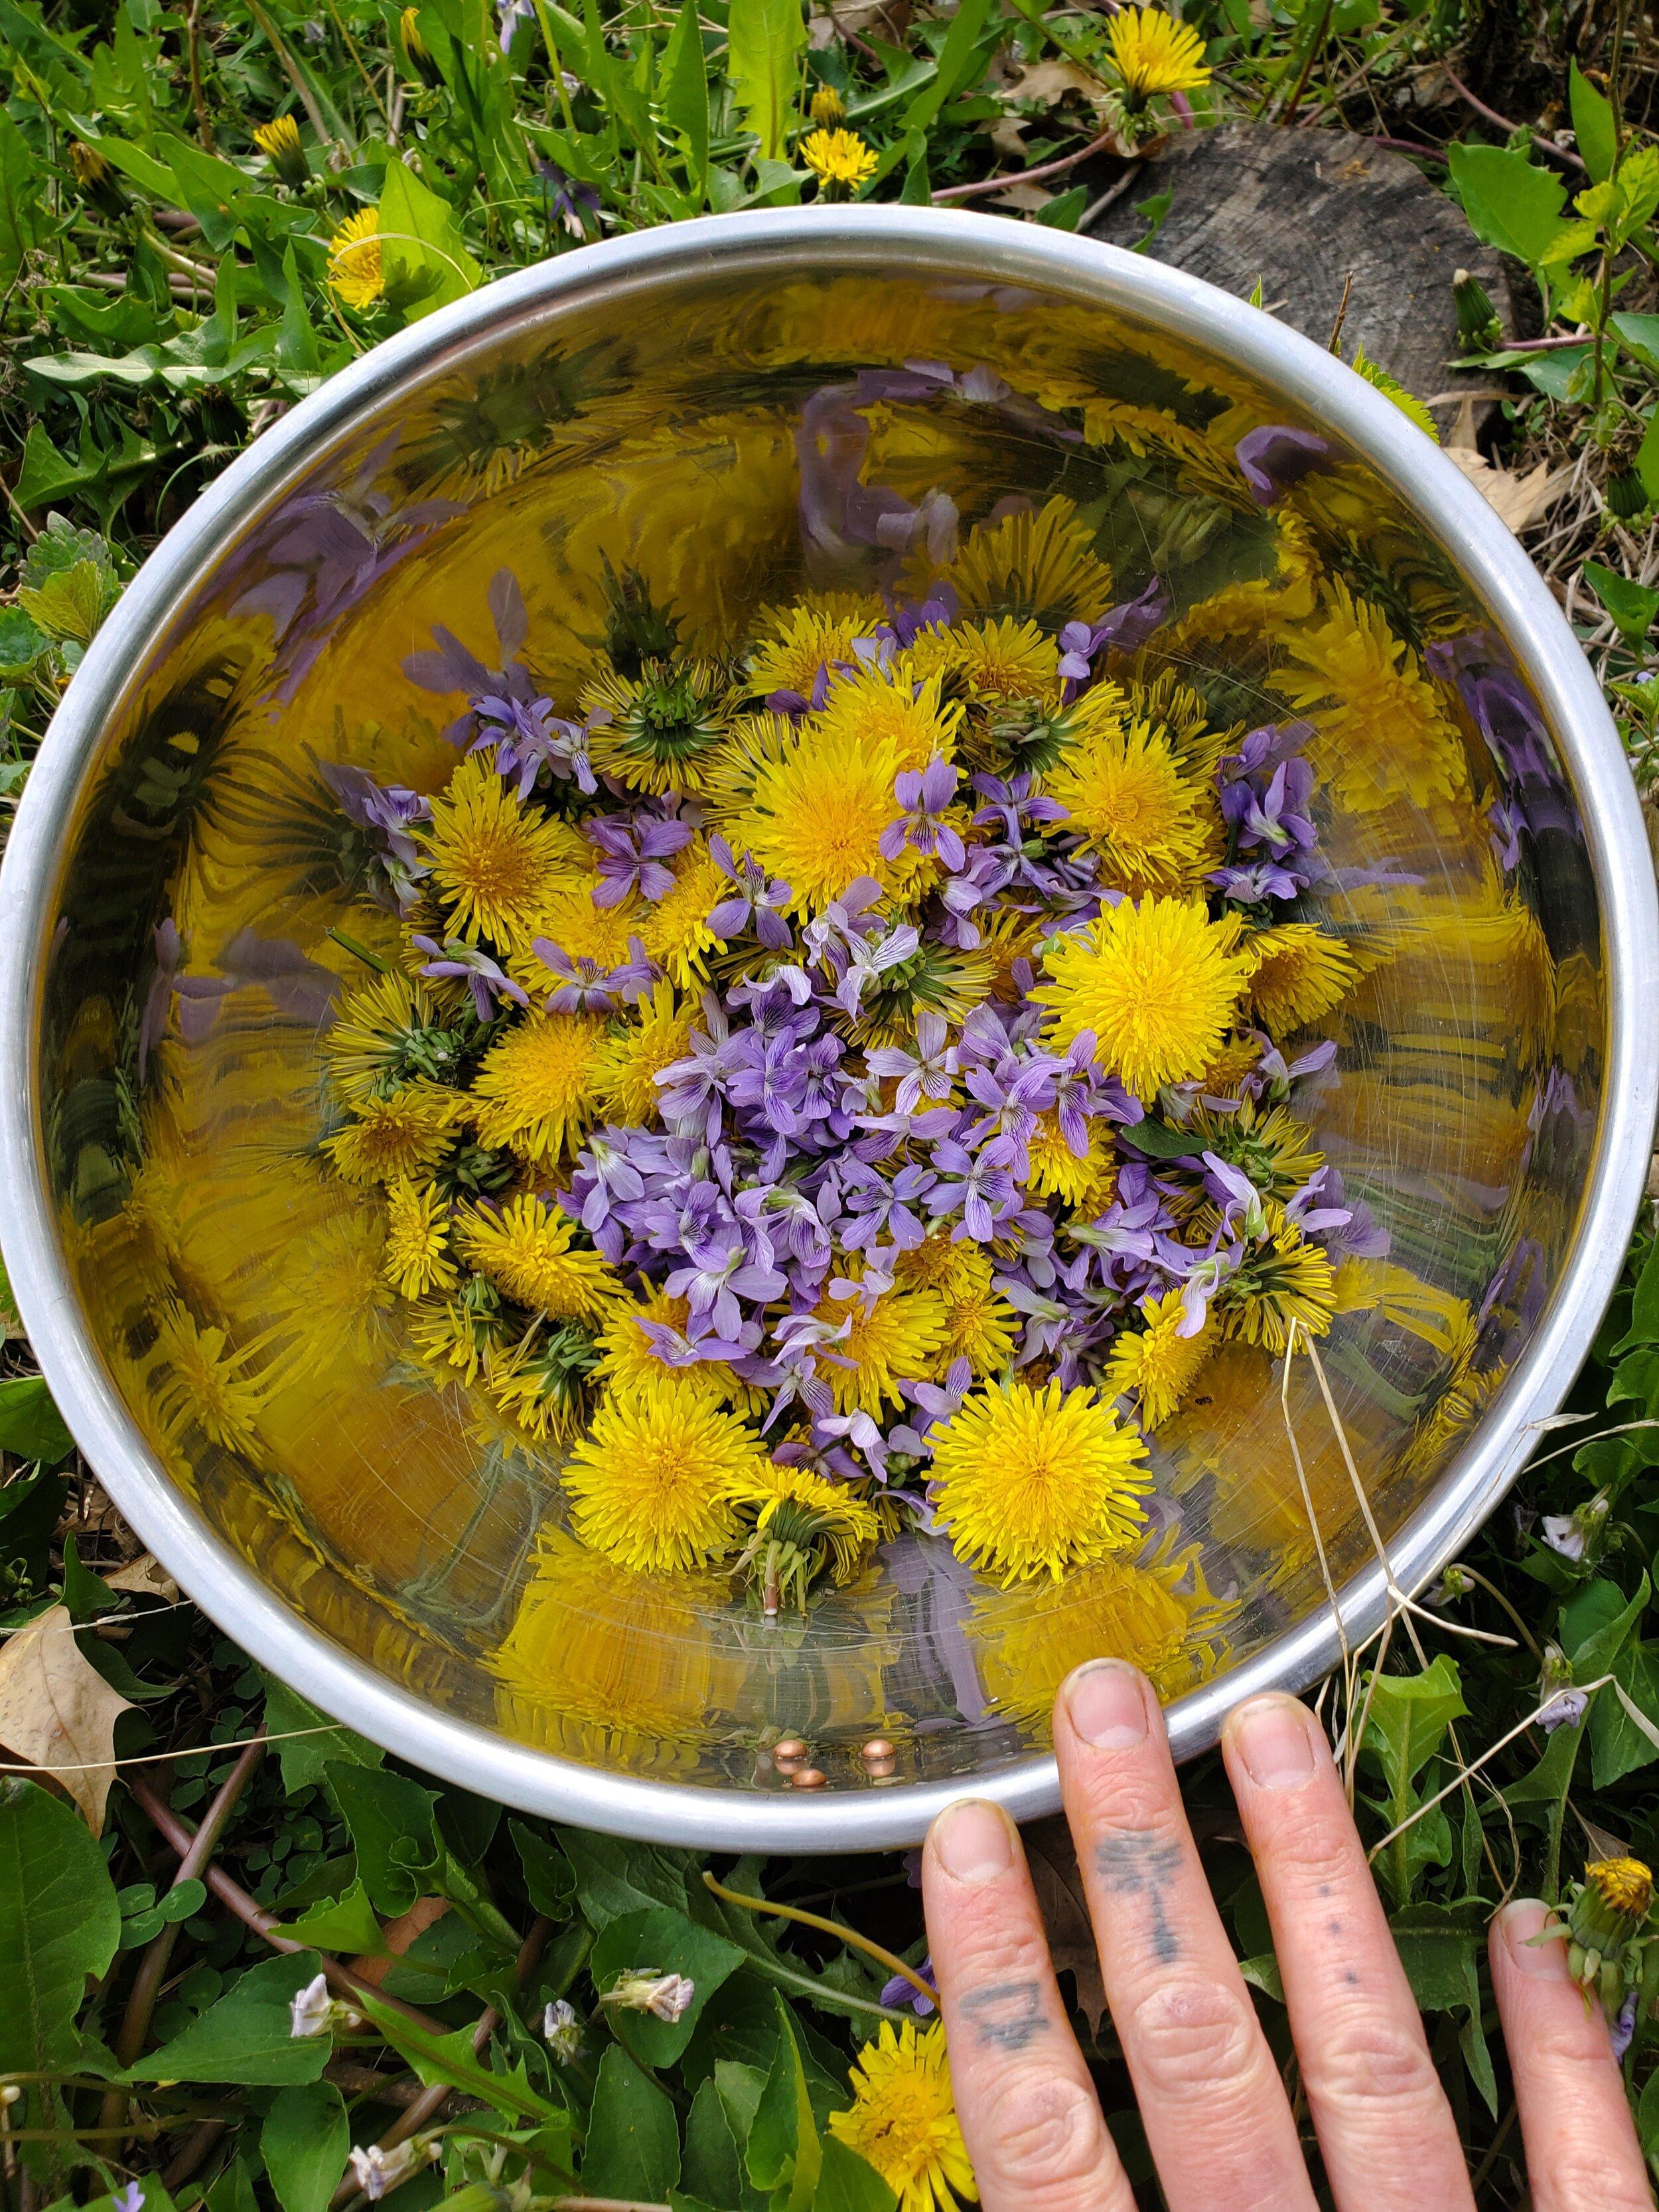 dandelionandvioletflowers.jpg